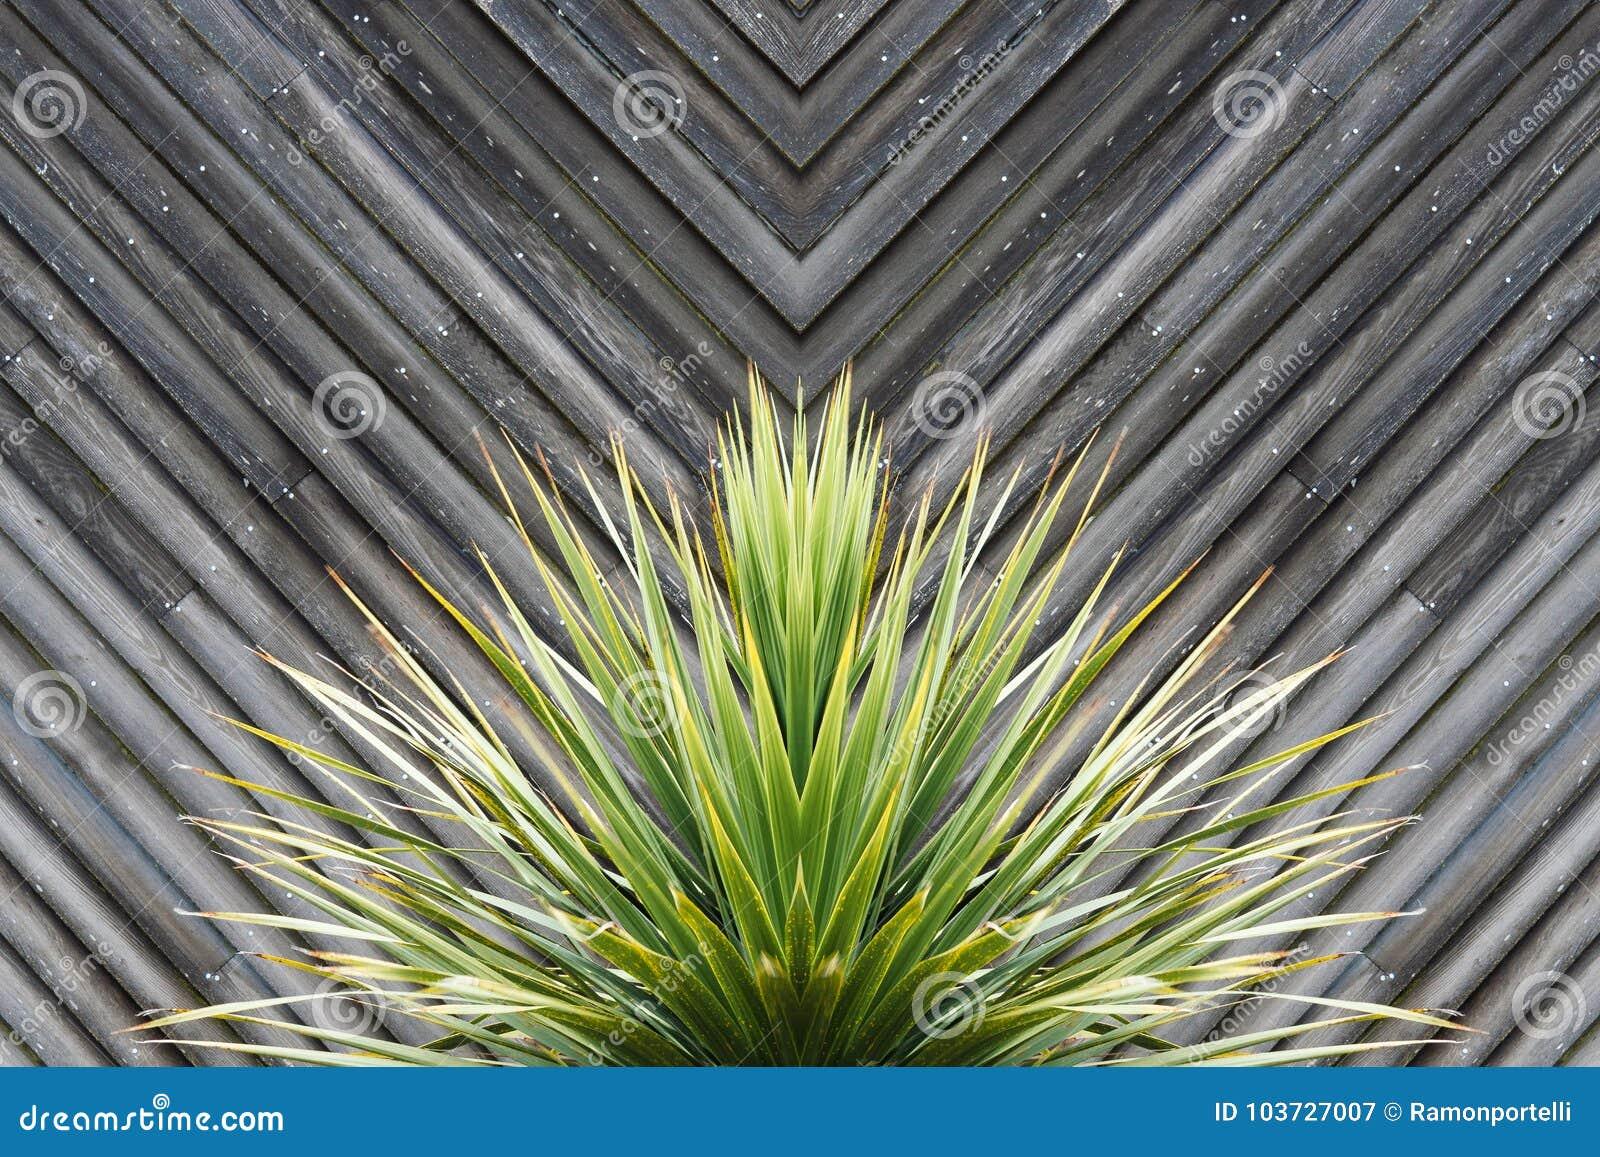 Yucca- oder Kaktuspflanzezusammenfassung mit diagonalen Planken des Holzes in t